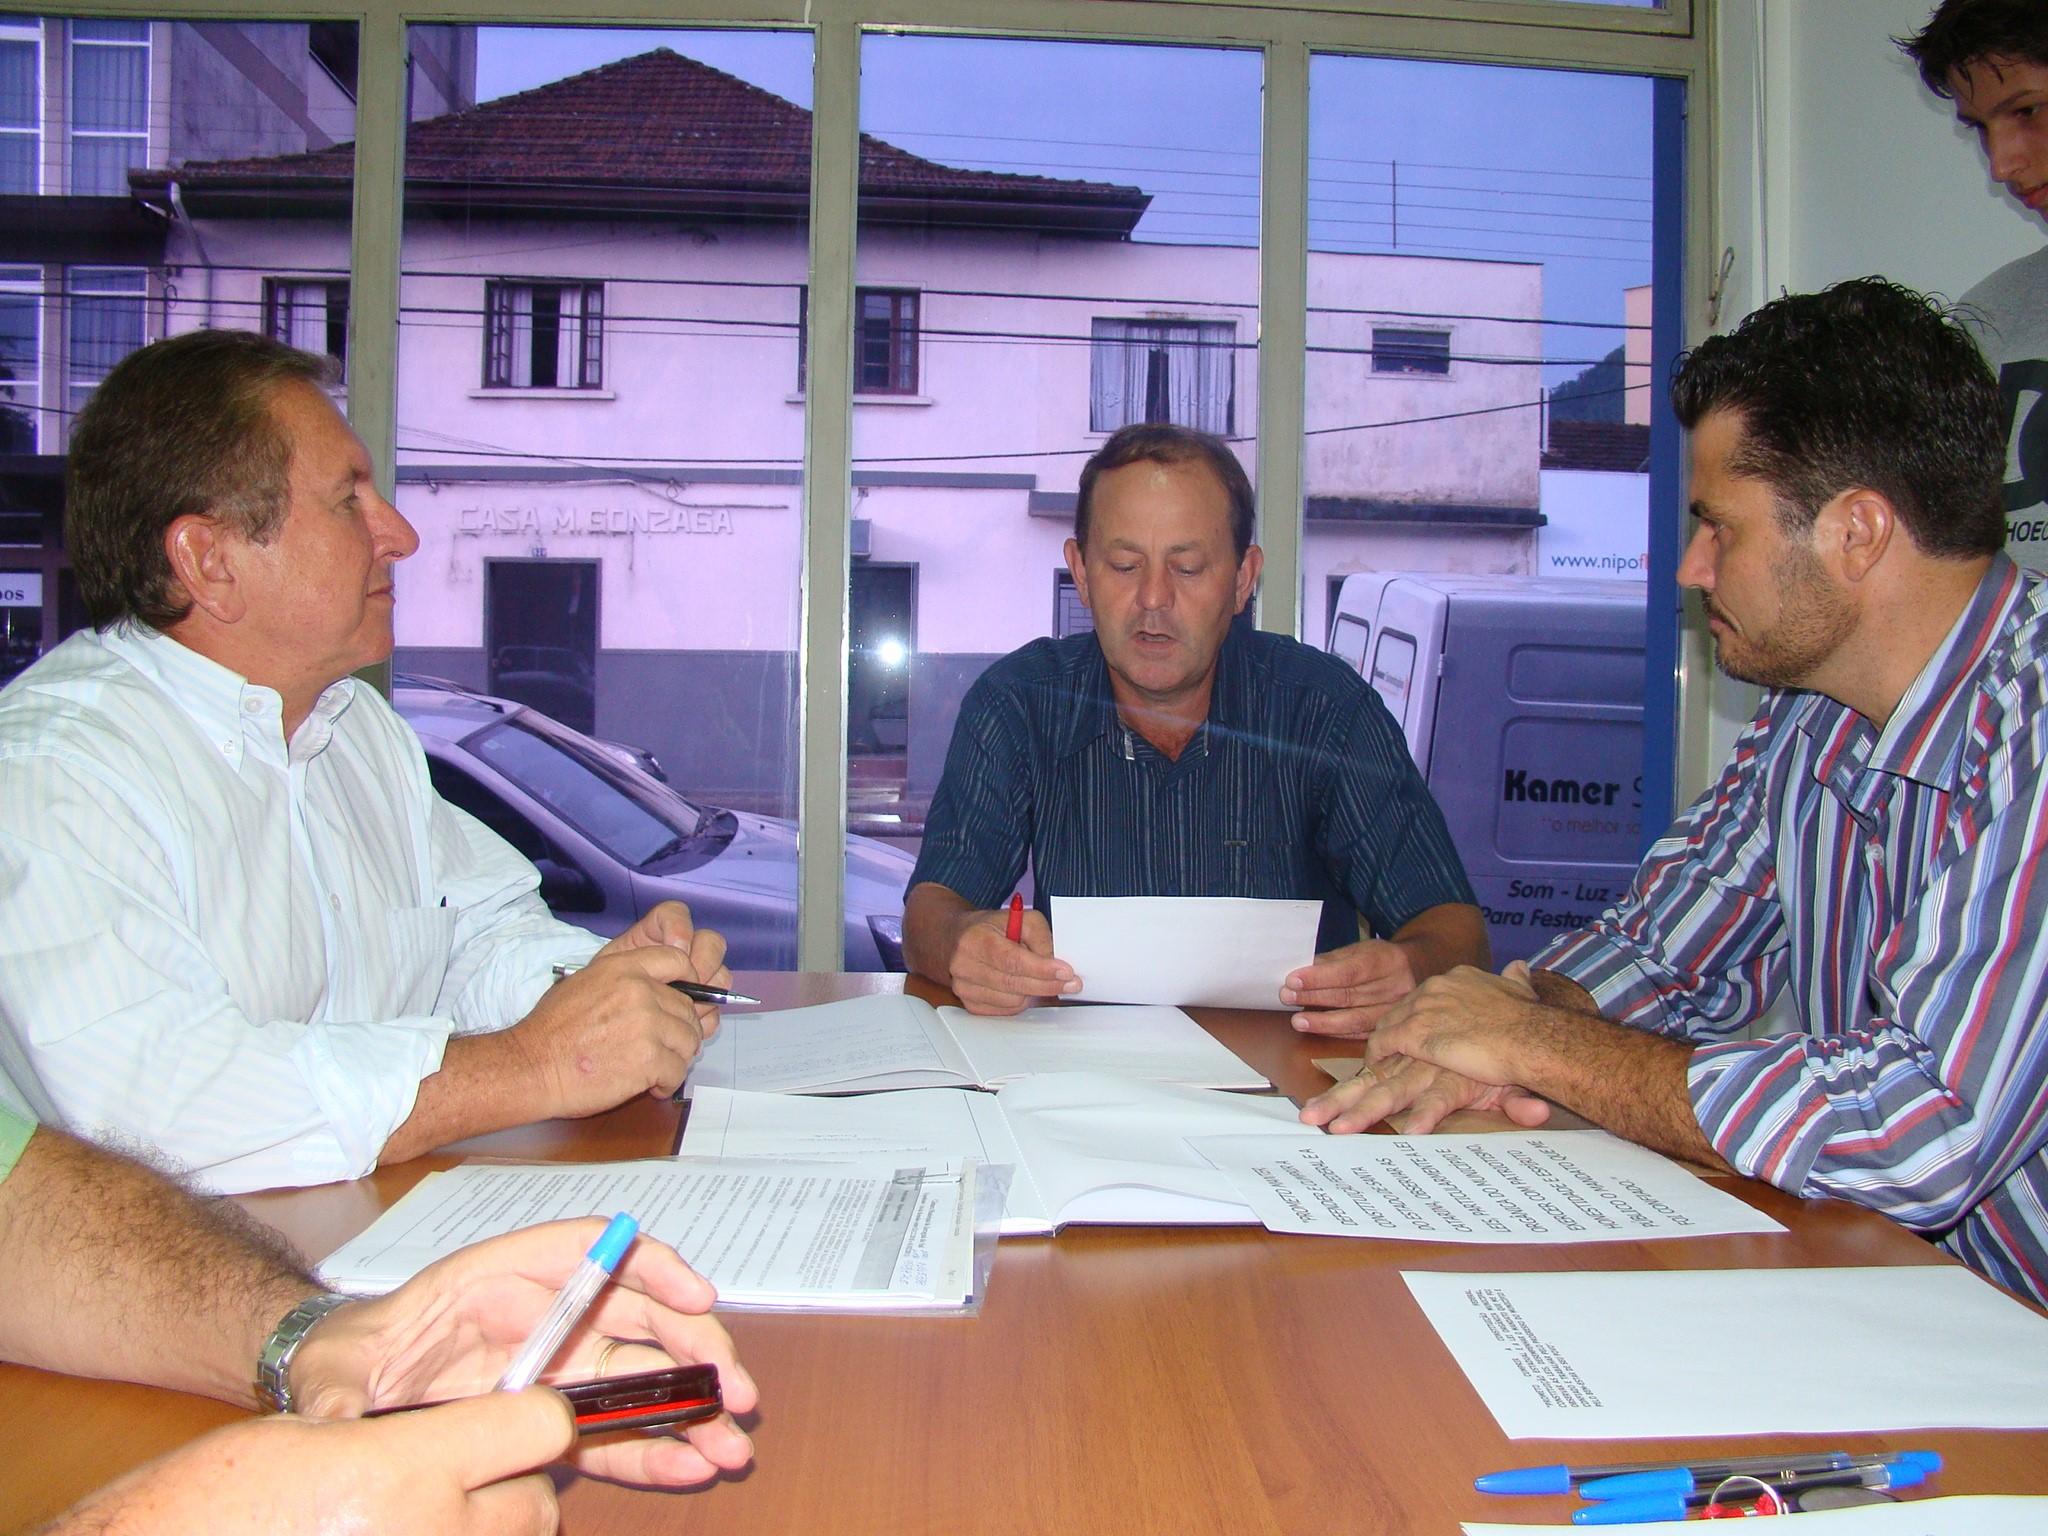 Afonso Piazera à esquerda e Jair Pedri à direita